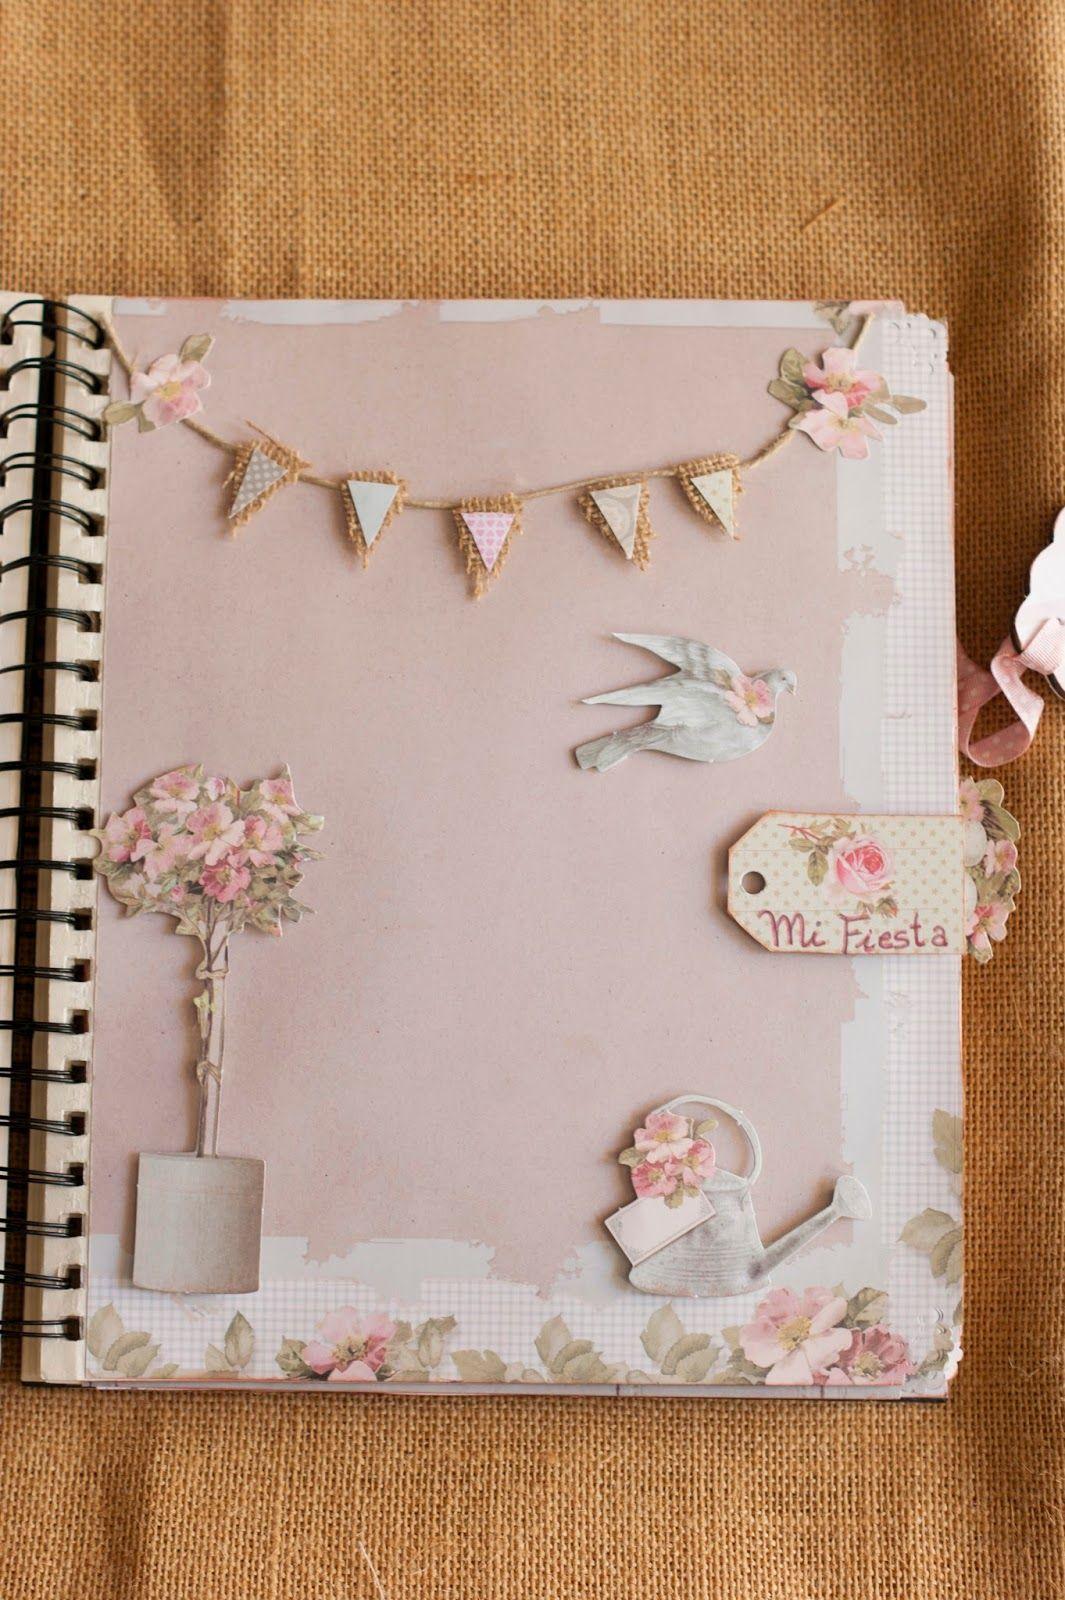 Blog sobre manualidades libros de firmas boda comuni n bautizo album de fotos letras - Manualidades album de fotos casero ...